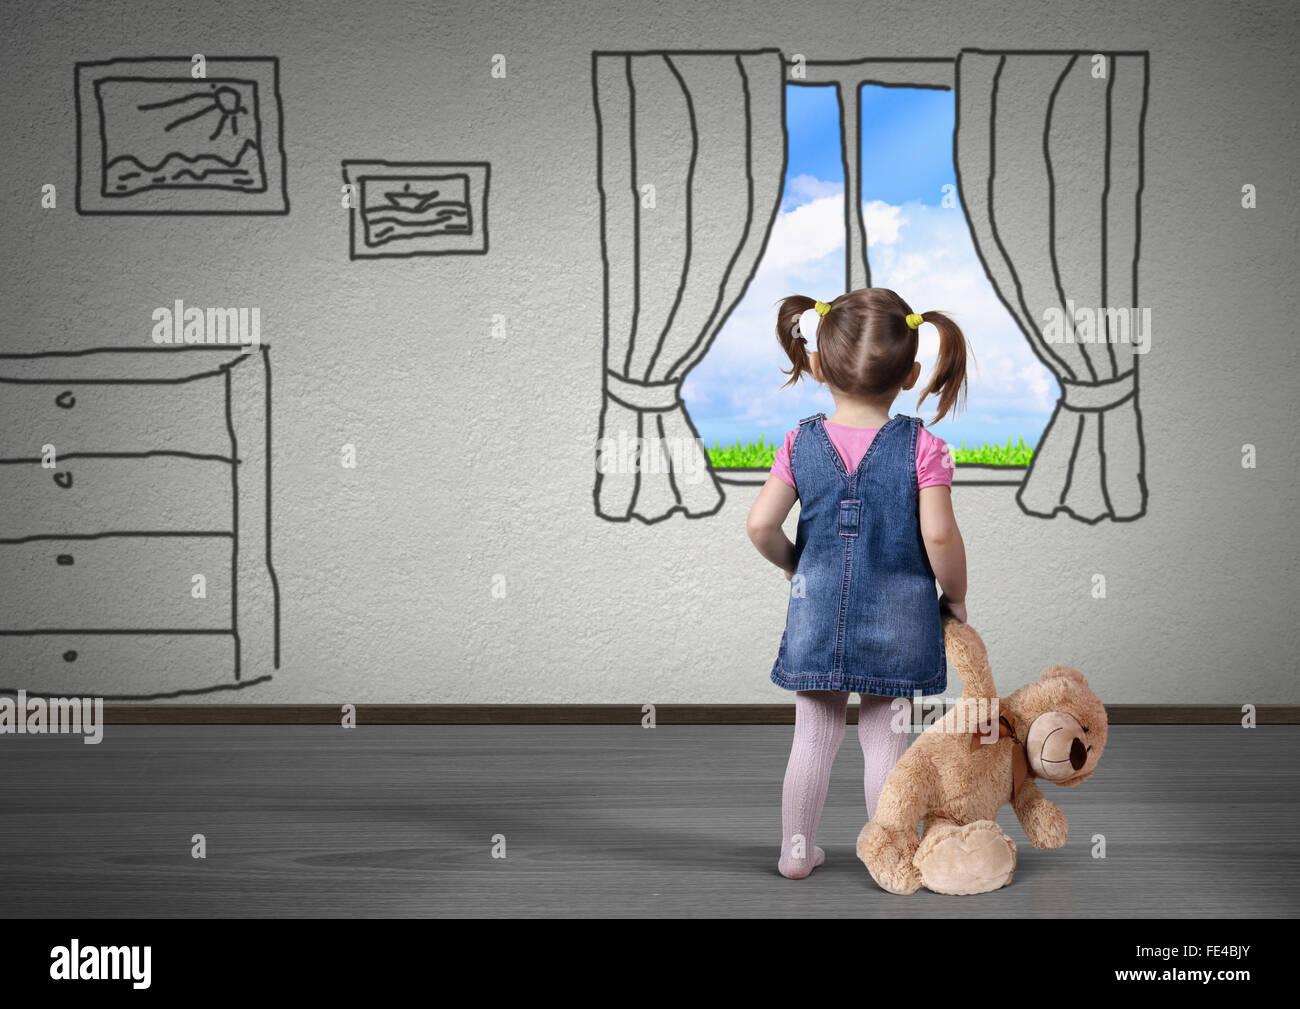 Niño Niña con oso de juguete mira en la ventana dibujada, concepto de ensueño Imagen De Stock